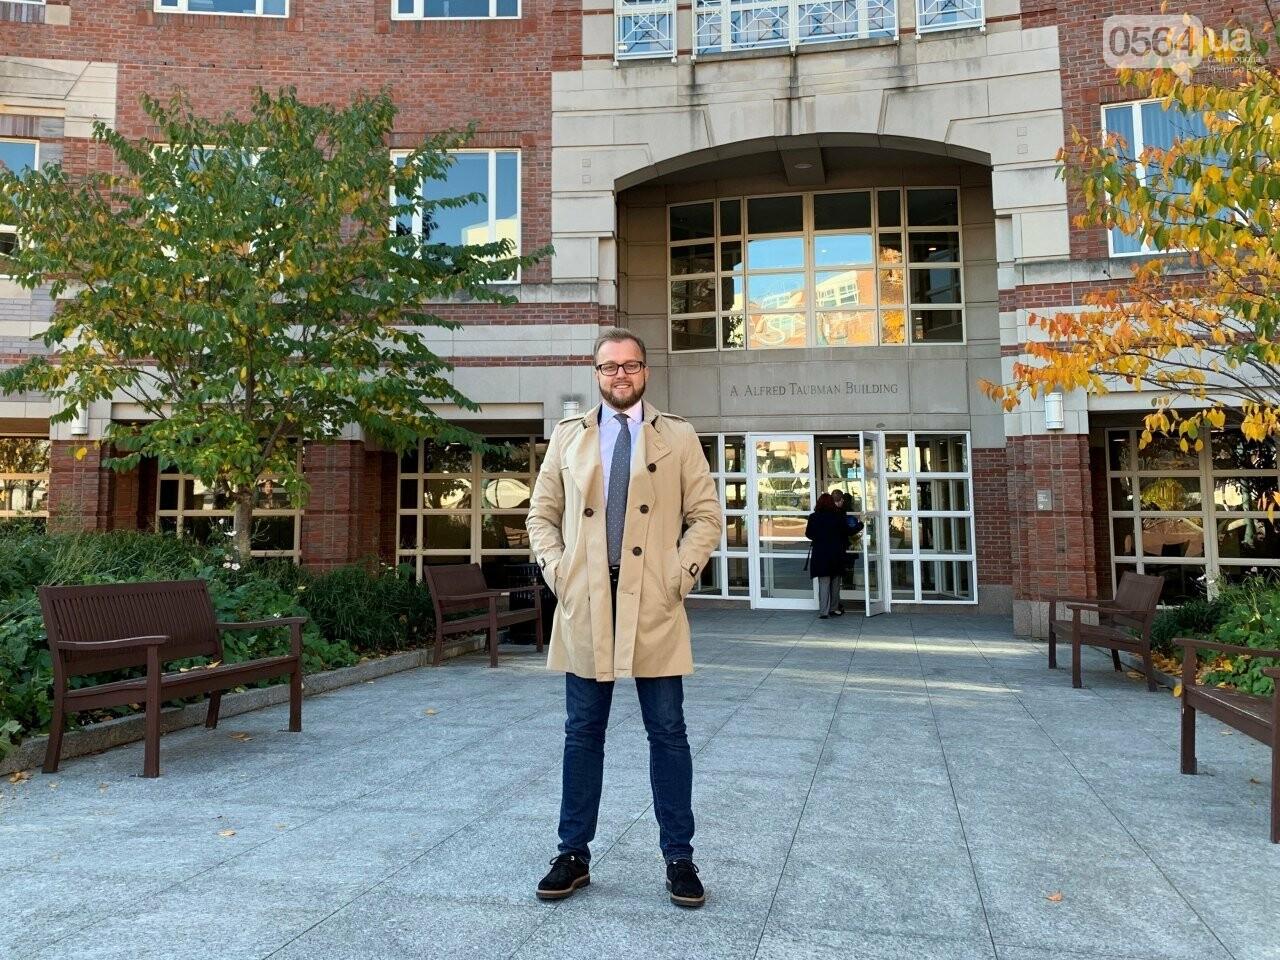 Константин Усов уехал в США на учебу в Гарвардский университет, и после окончания программы возвращается в Кривой Рог,  - ФОТО, фото-5